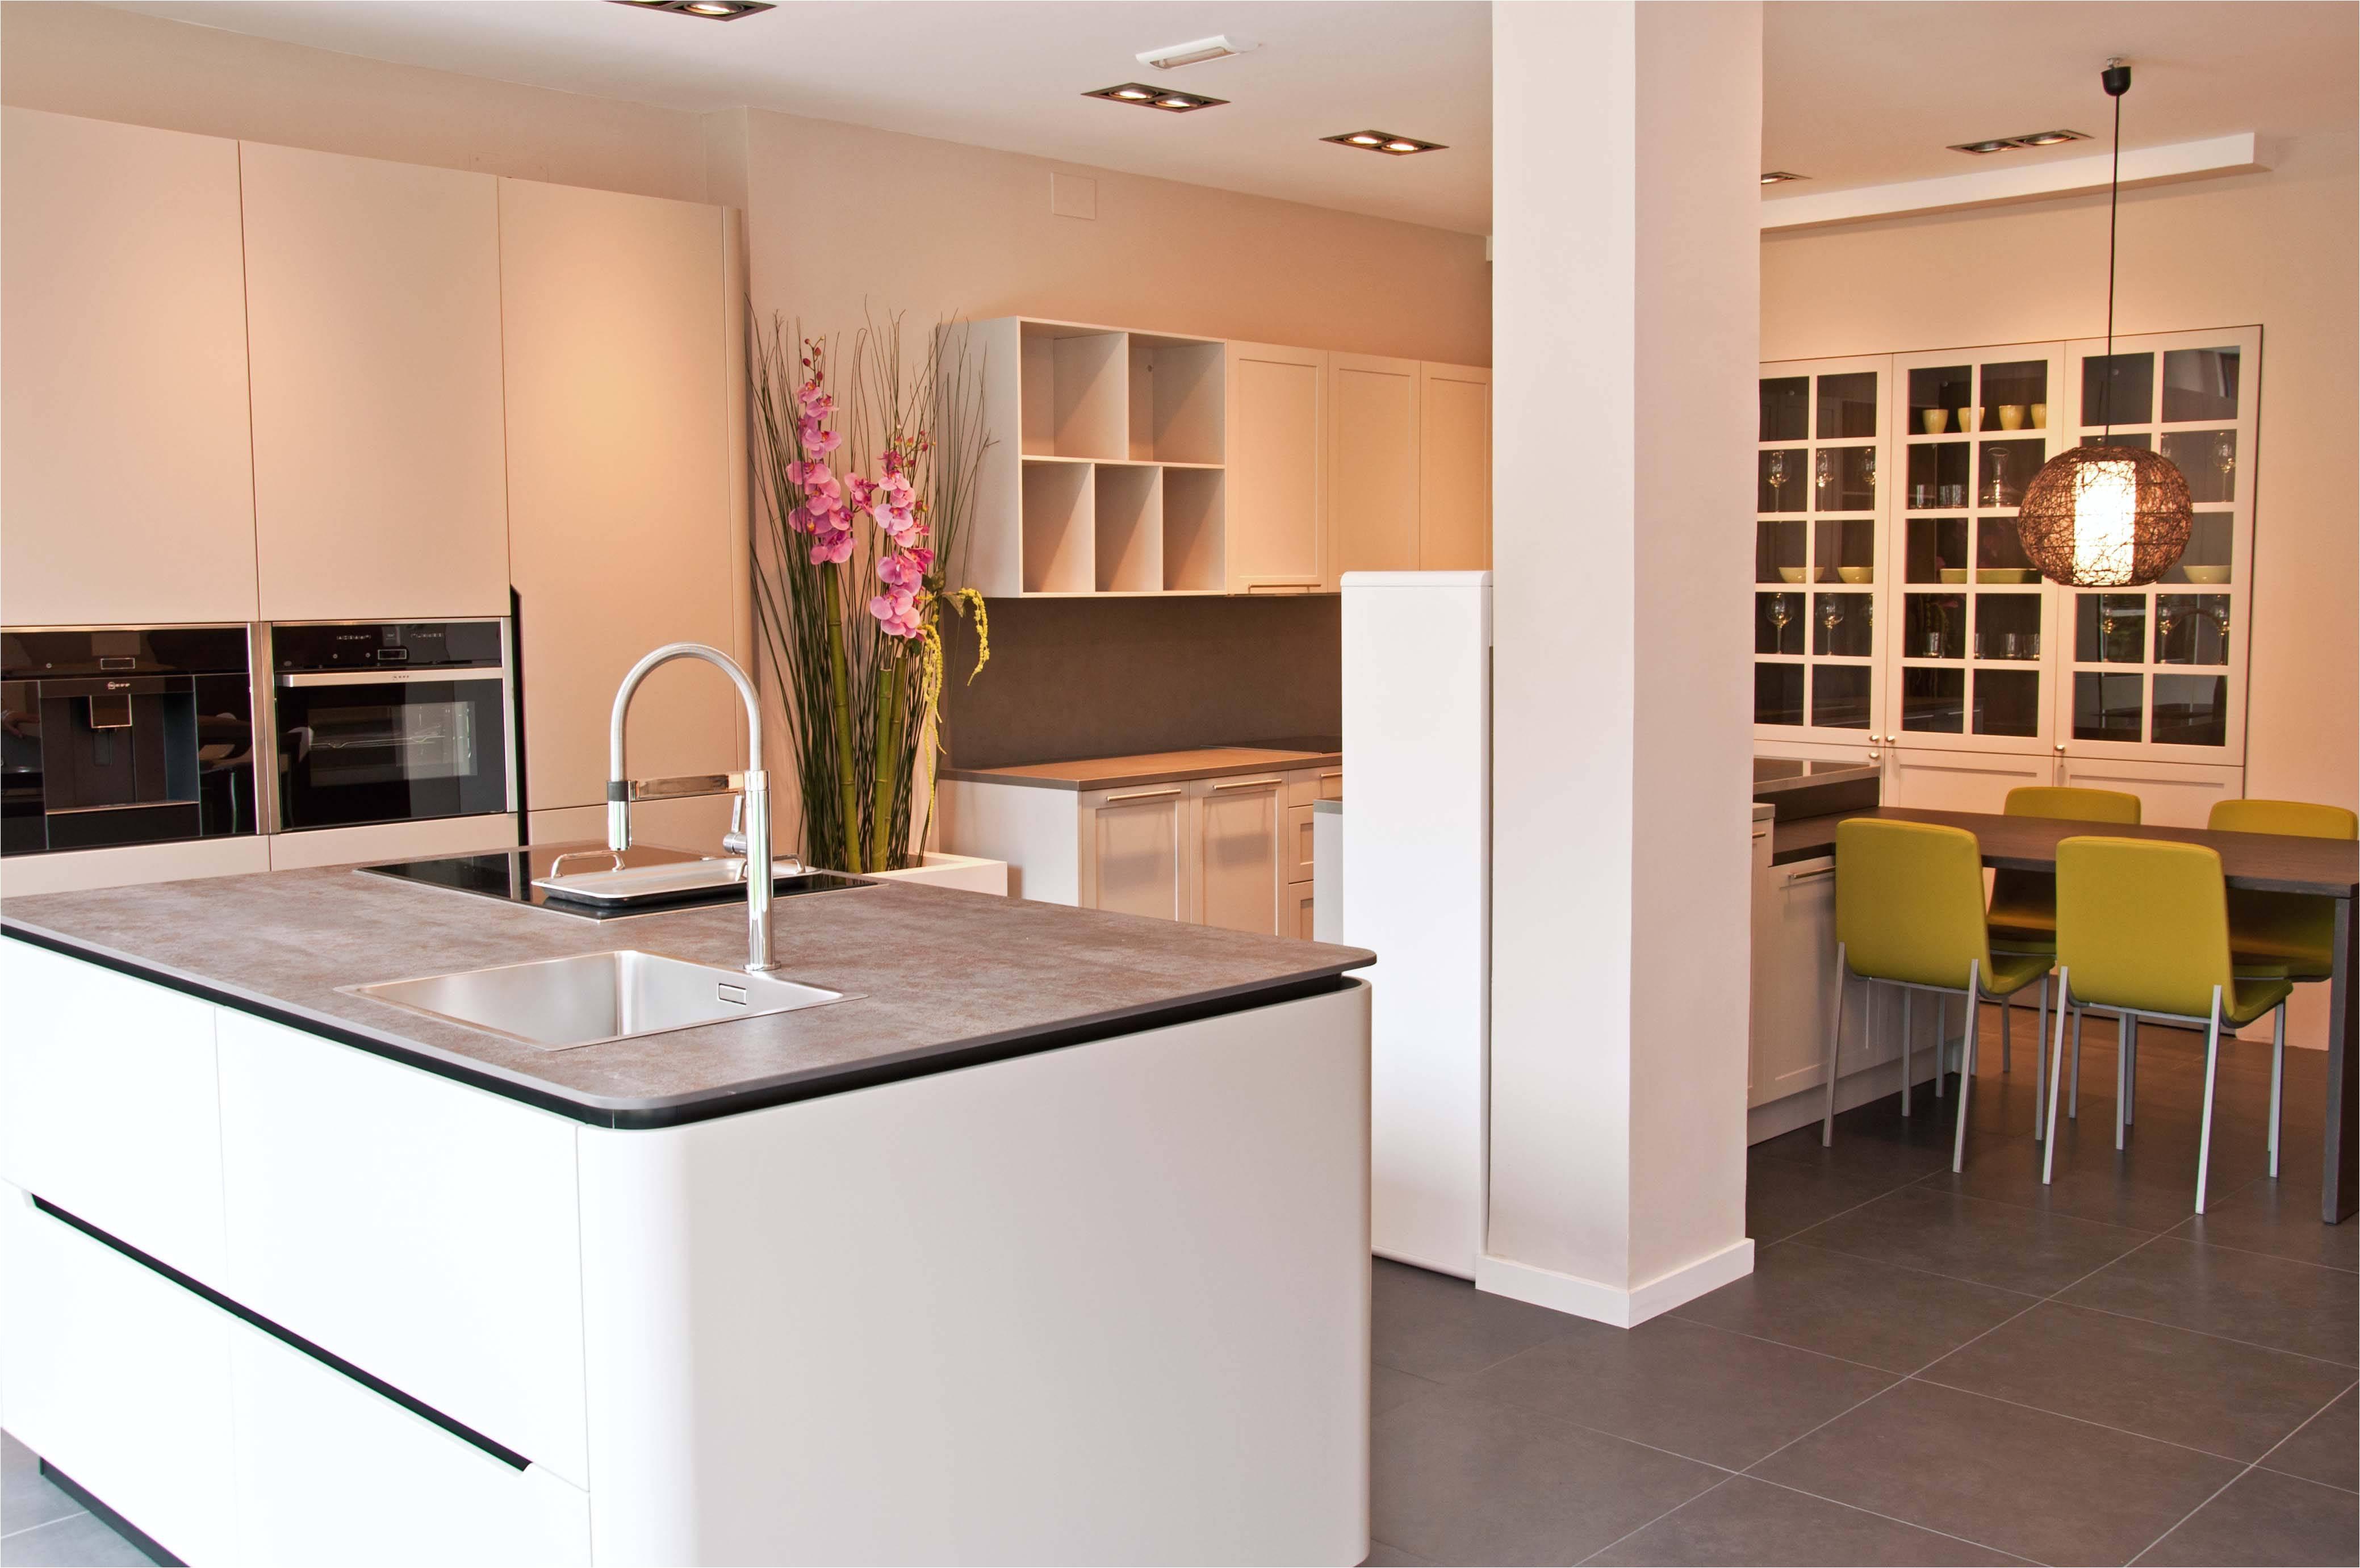 Dise os de cocinas peque as modernas y sencillas adinaporter for Disenos de cocinas pequenas y sencillas